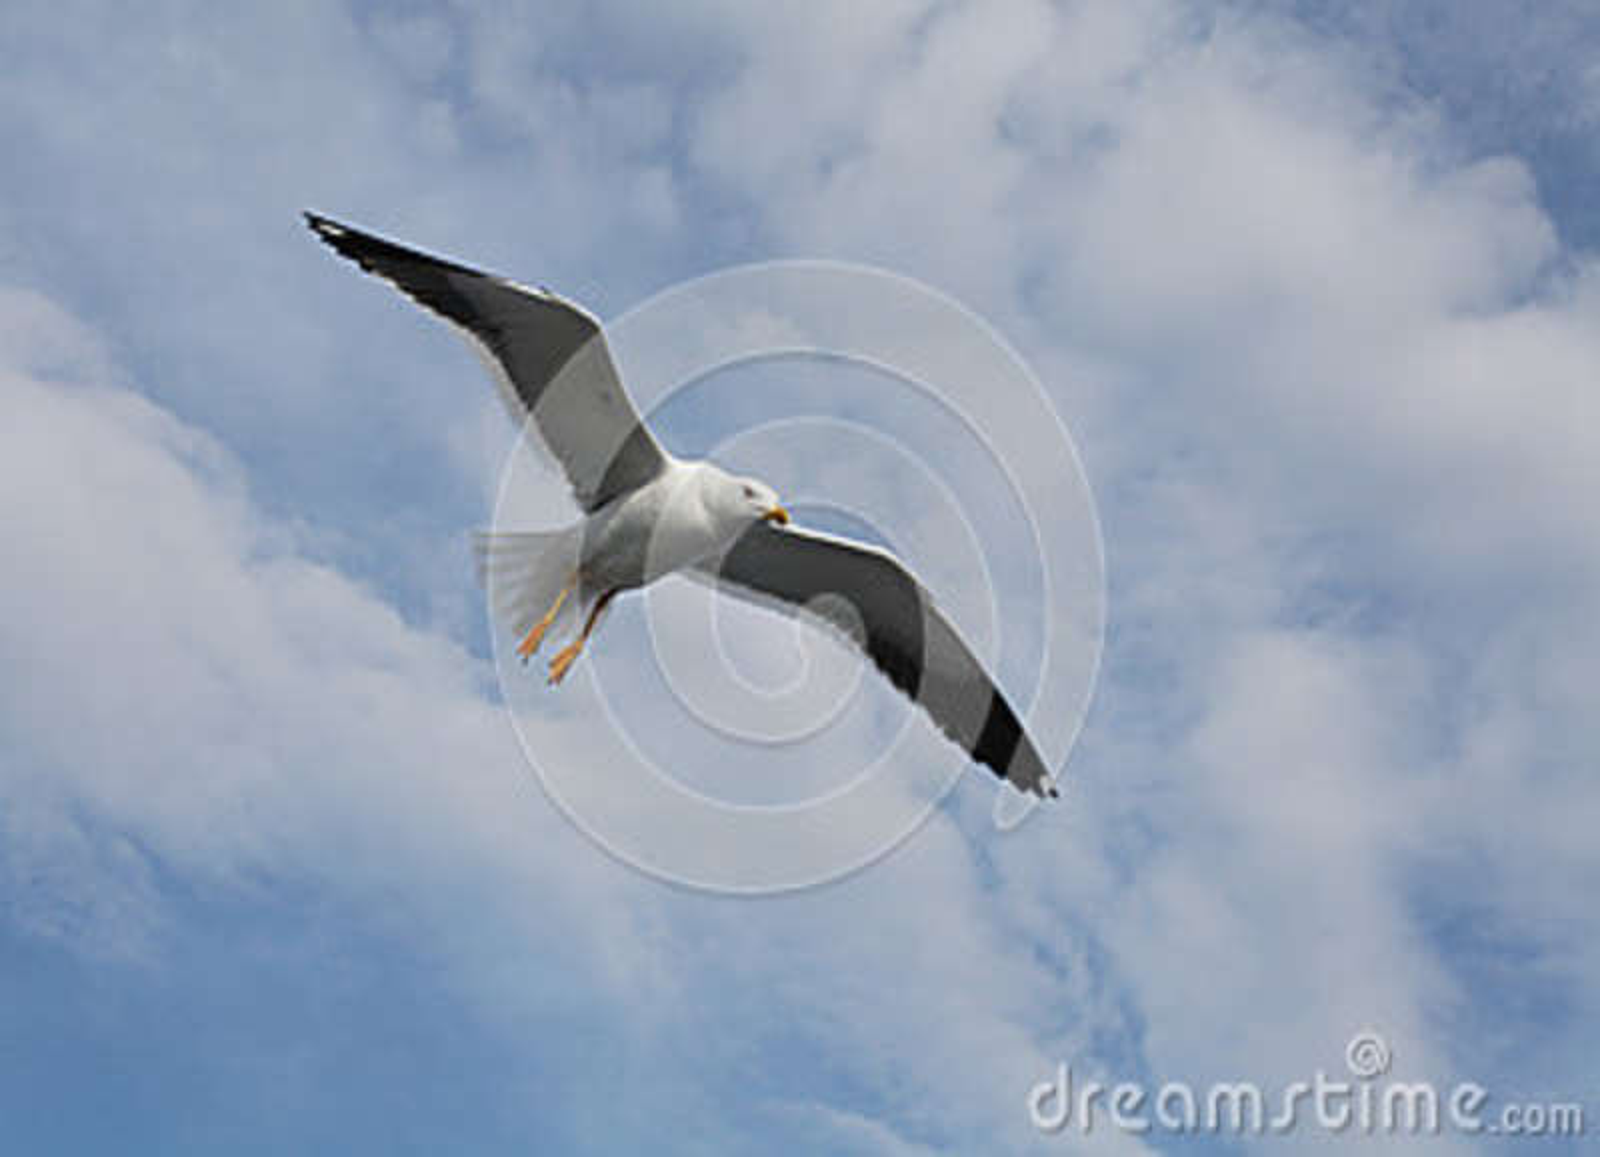 Download Gabbiano immagine stock. Immagine di mosca, aria, d0 - 36878305